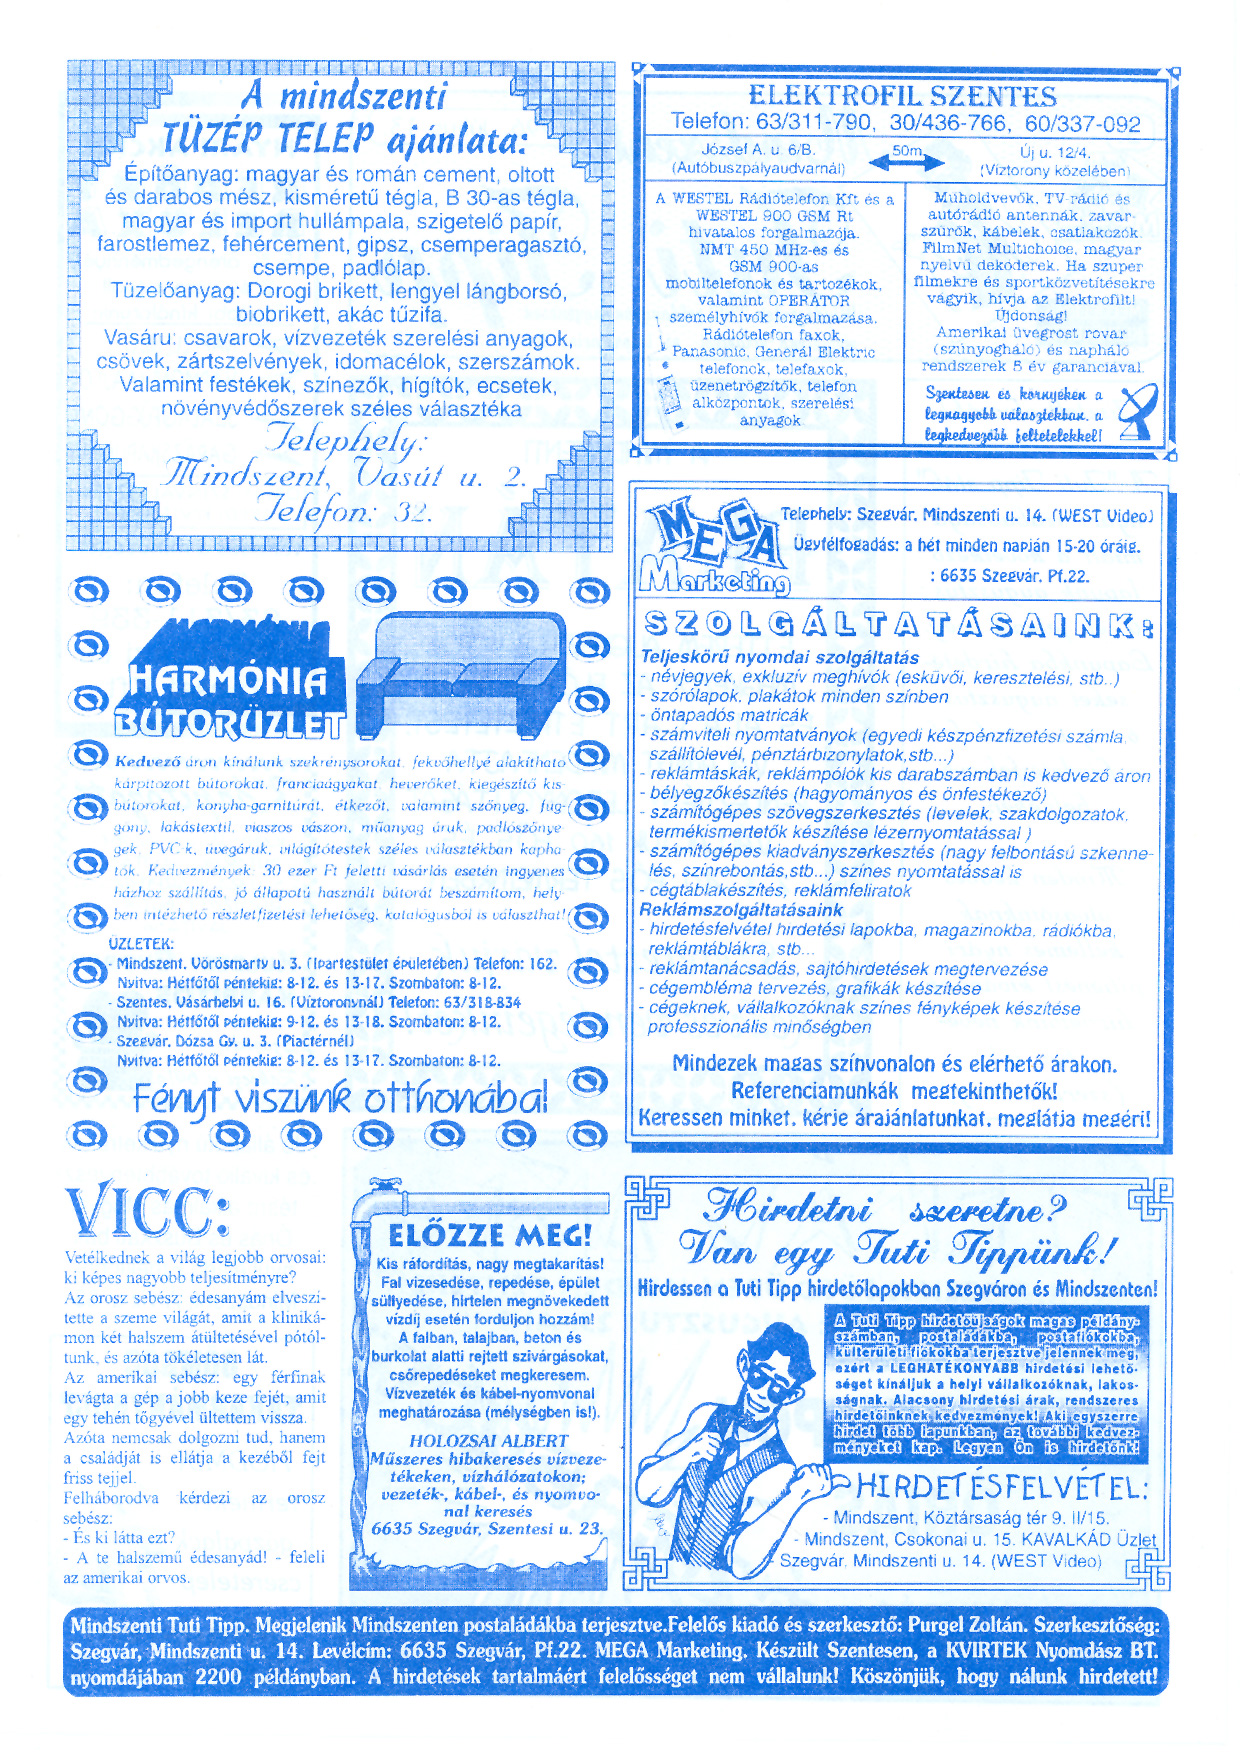 036 Mindszenti Tuti Tipp reklámújság - 19960713-003. lapszám - 2.oldal - II. évfolyam.jpg